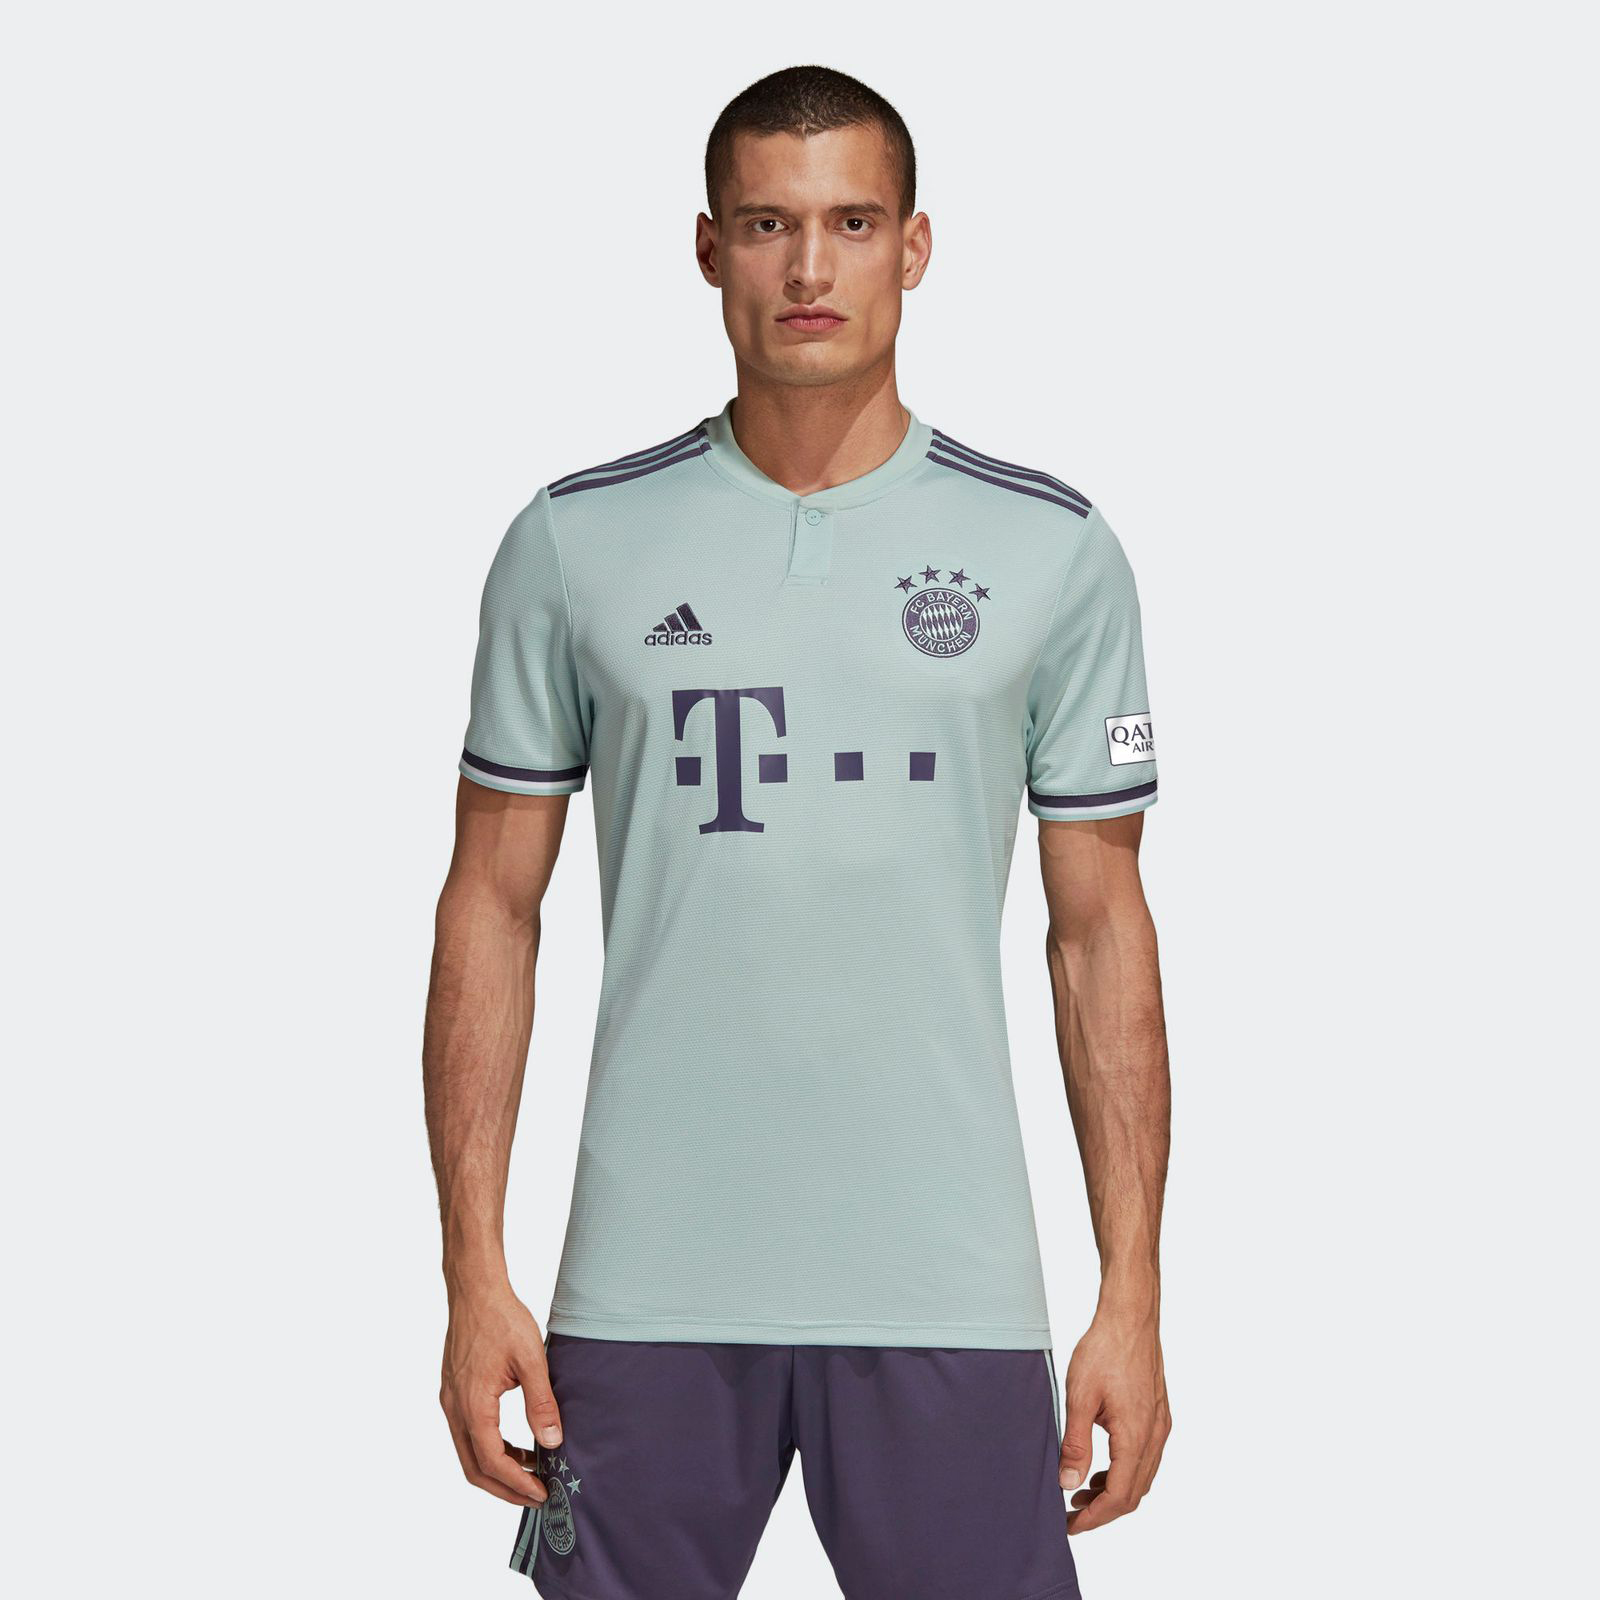 half off 789c7 65b4d 18-19 Bayern Munich Away Mint Green Jersey Shirt - Cheap ...